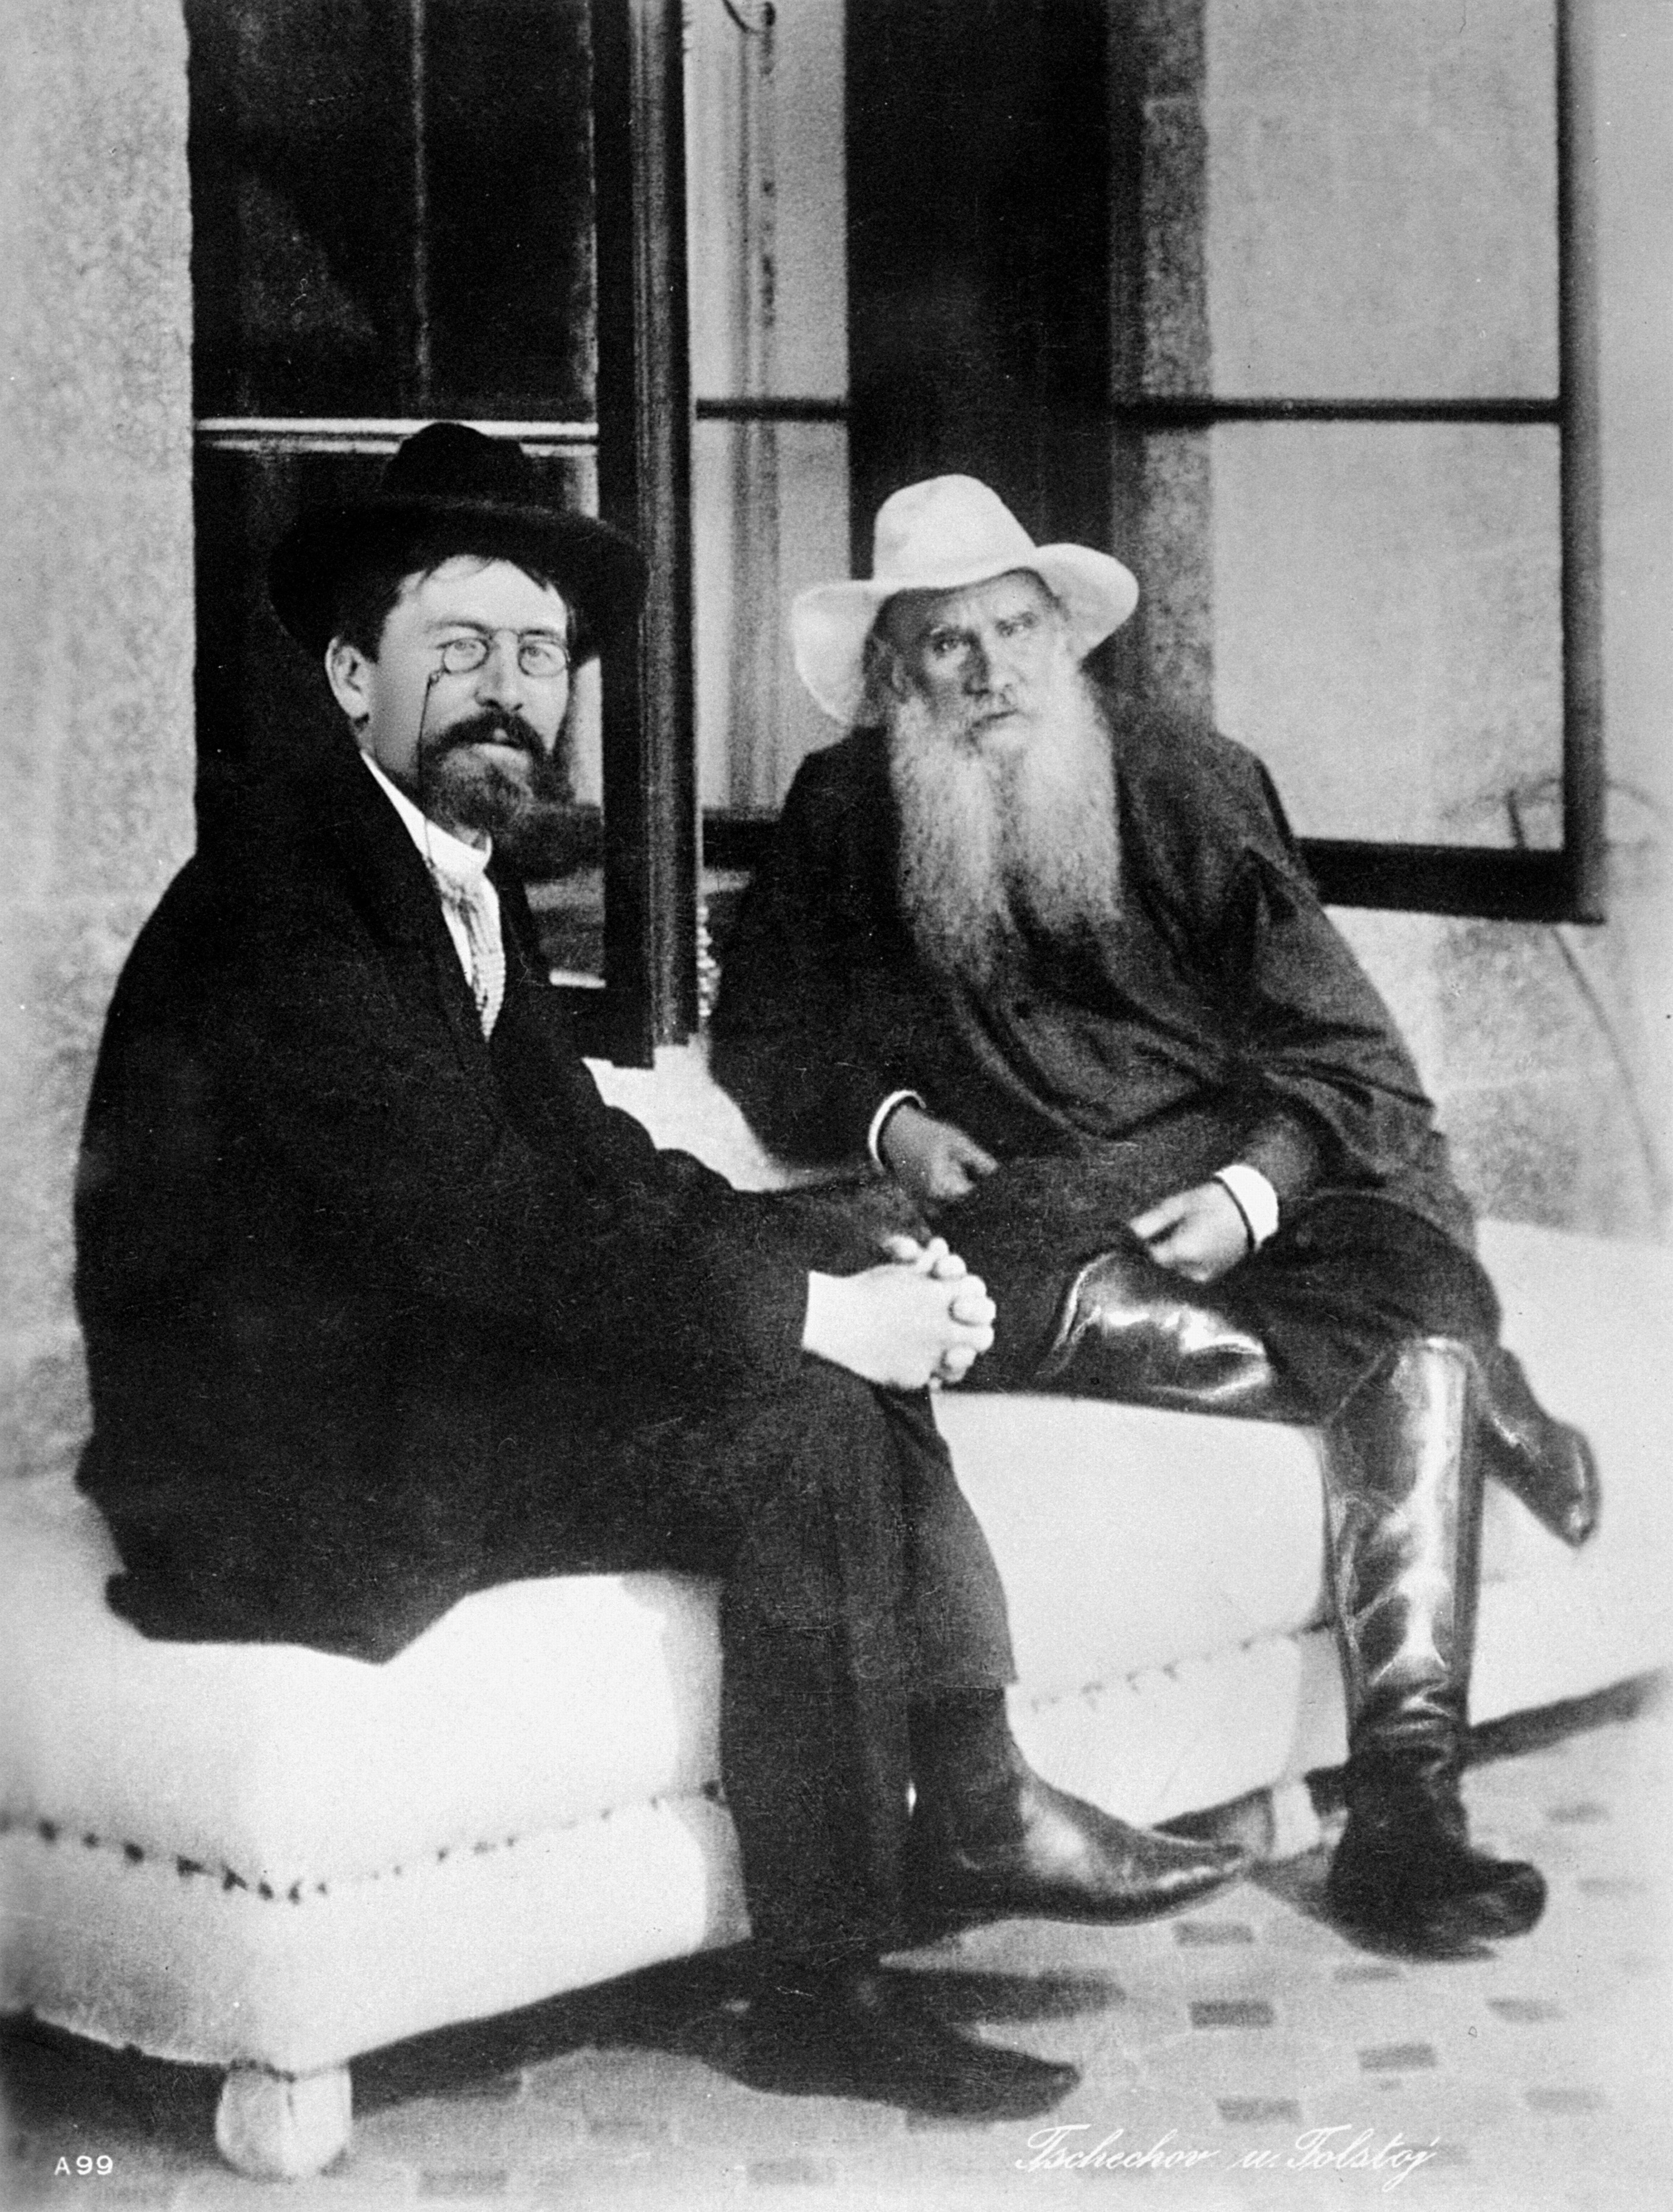 Лев Николаевич Толстой и Антон Павлович Чехов. Встреча двух писателей.